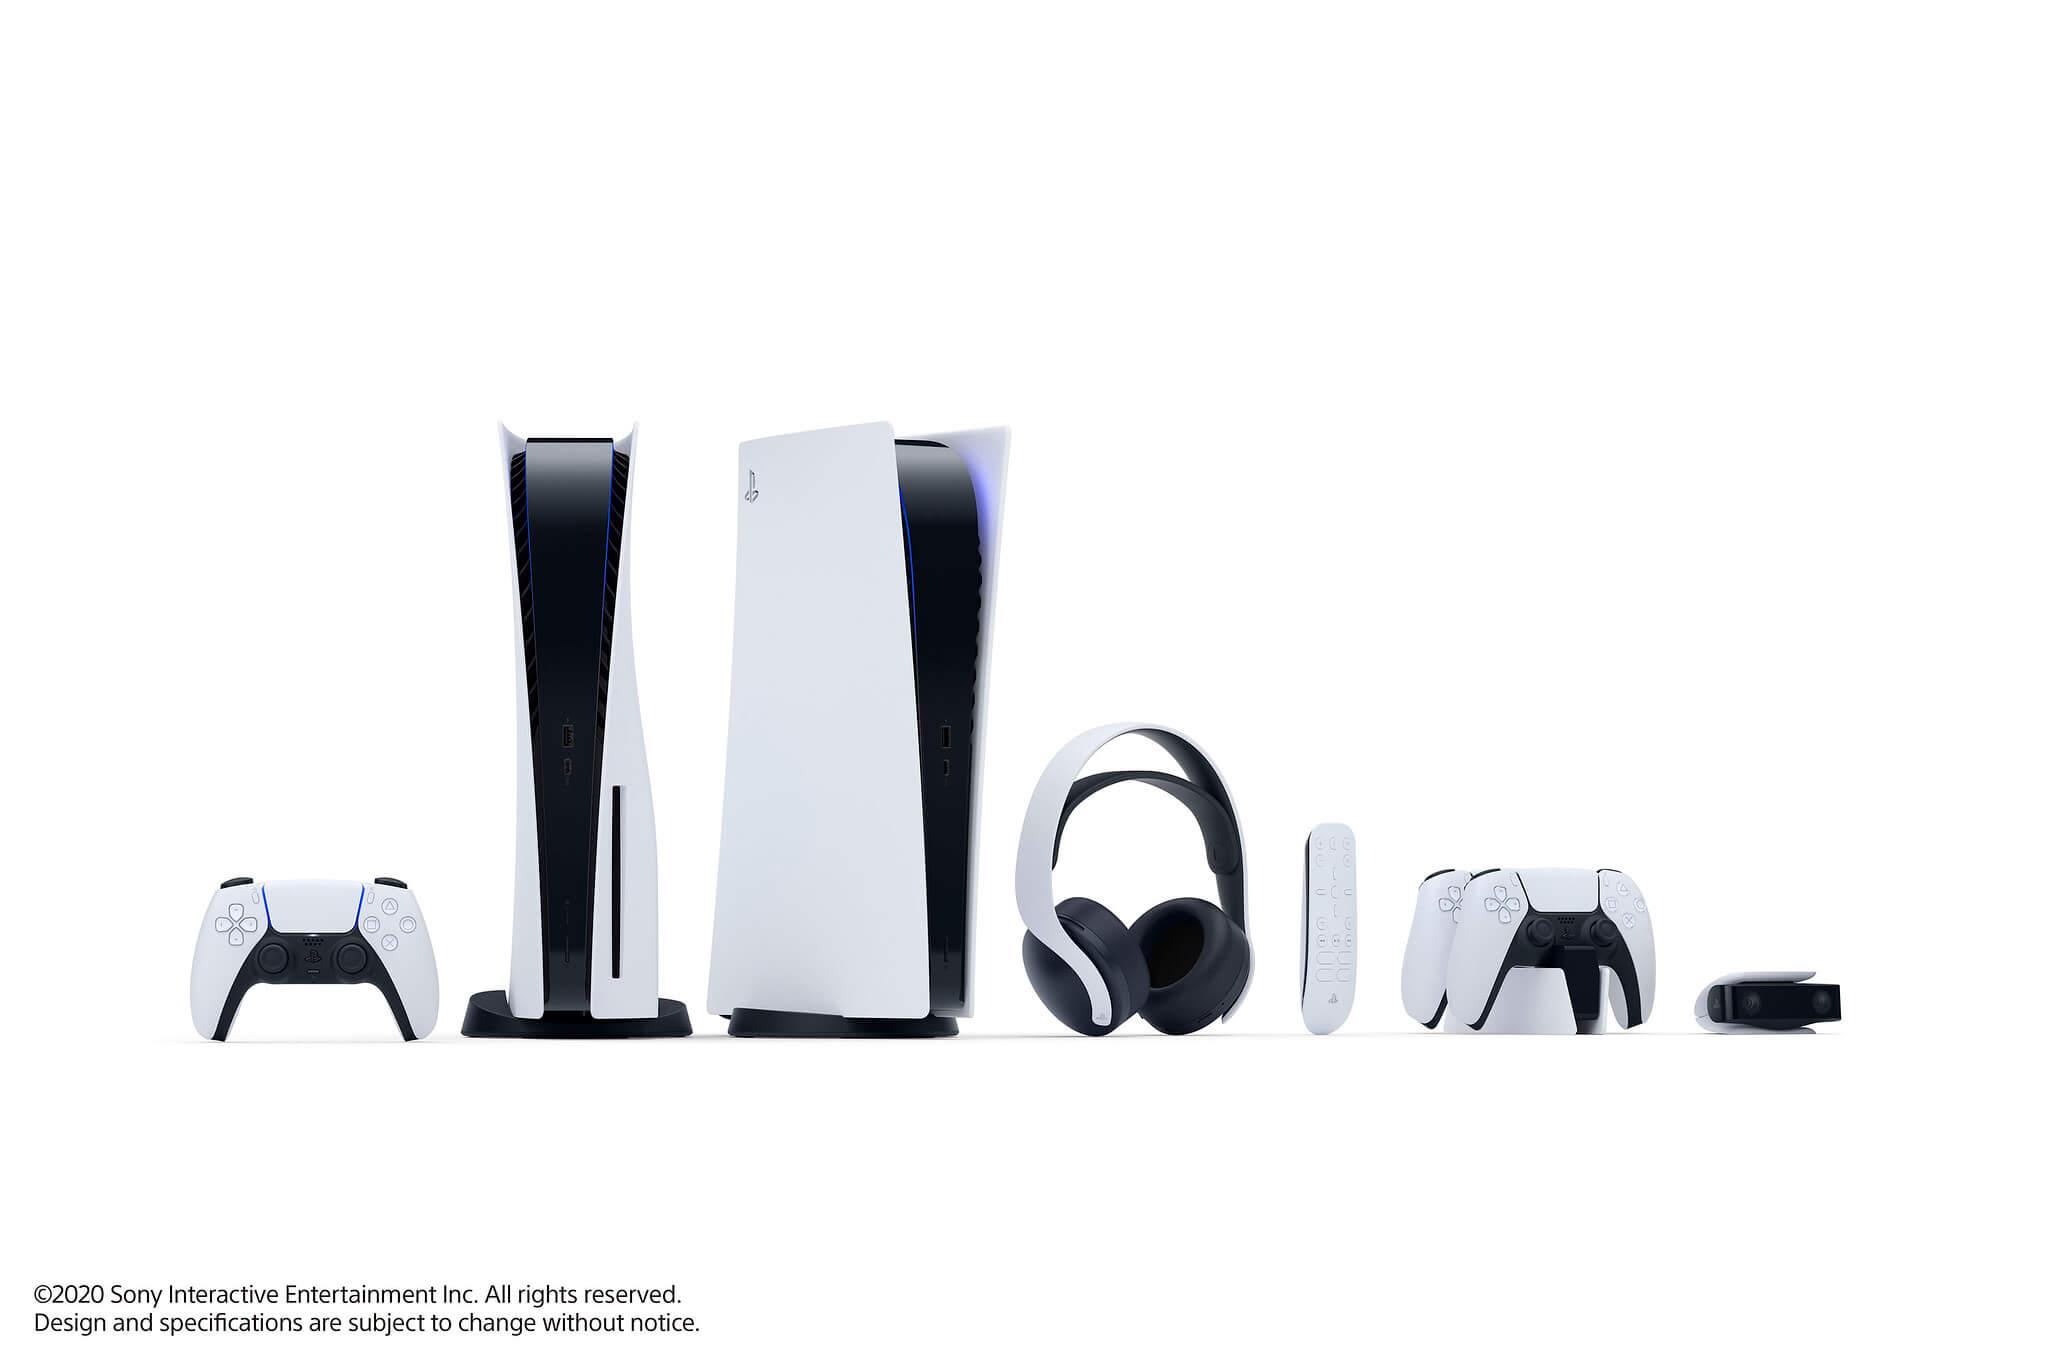 Das Zubehör der PlayStation 5  mit sehr ähnlichem Design zur Konsole